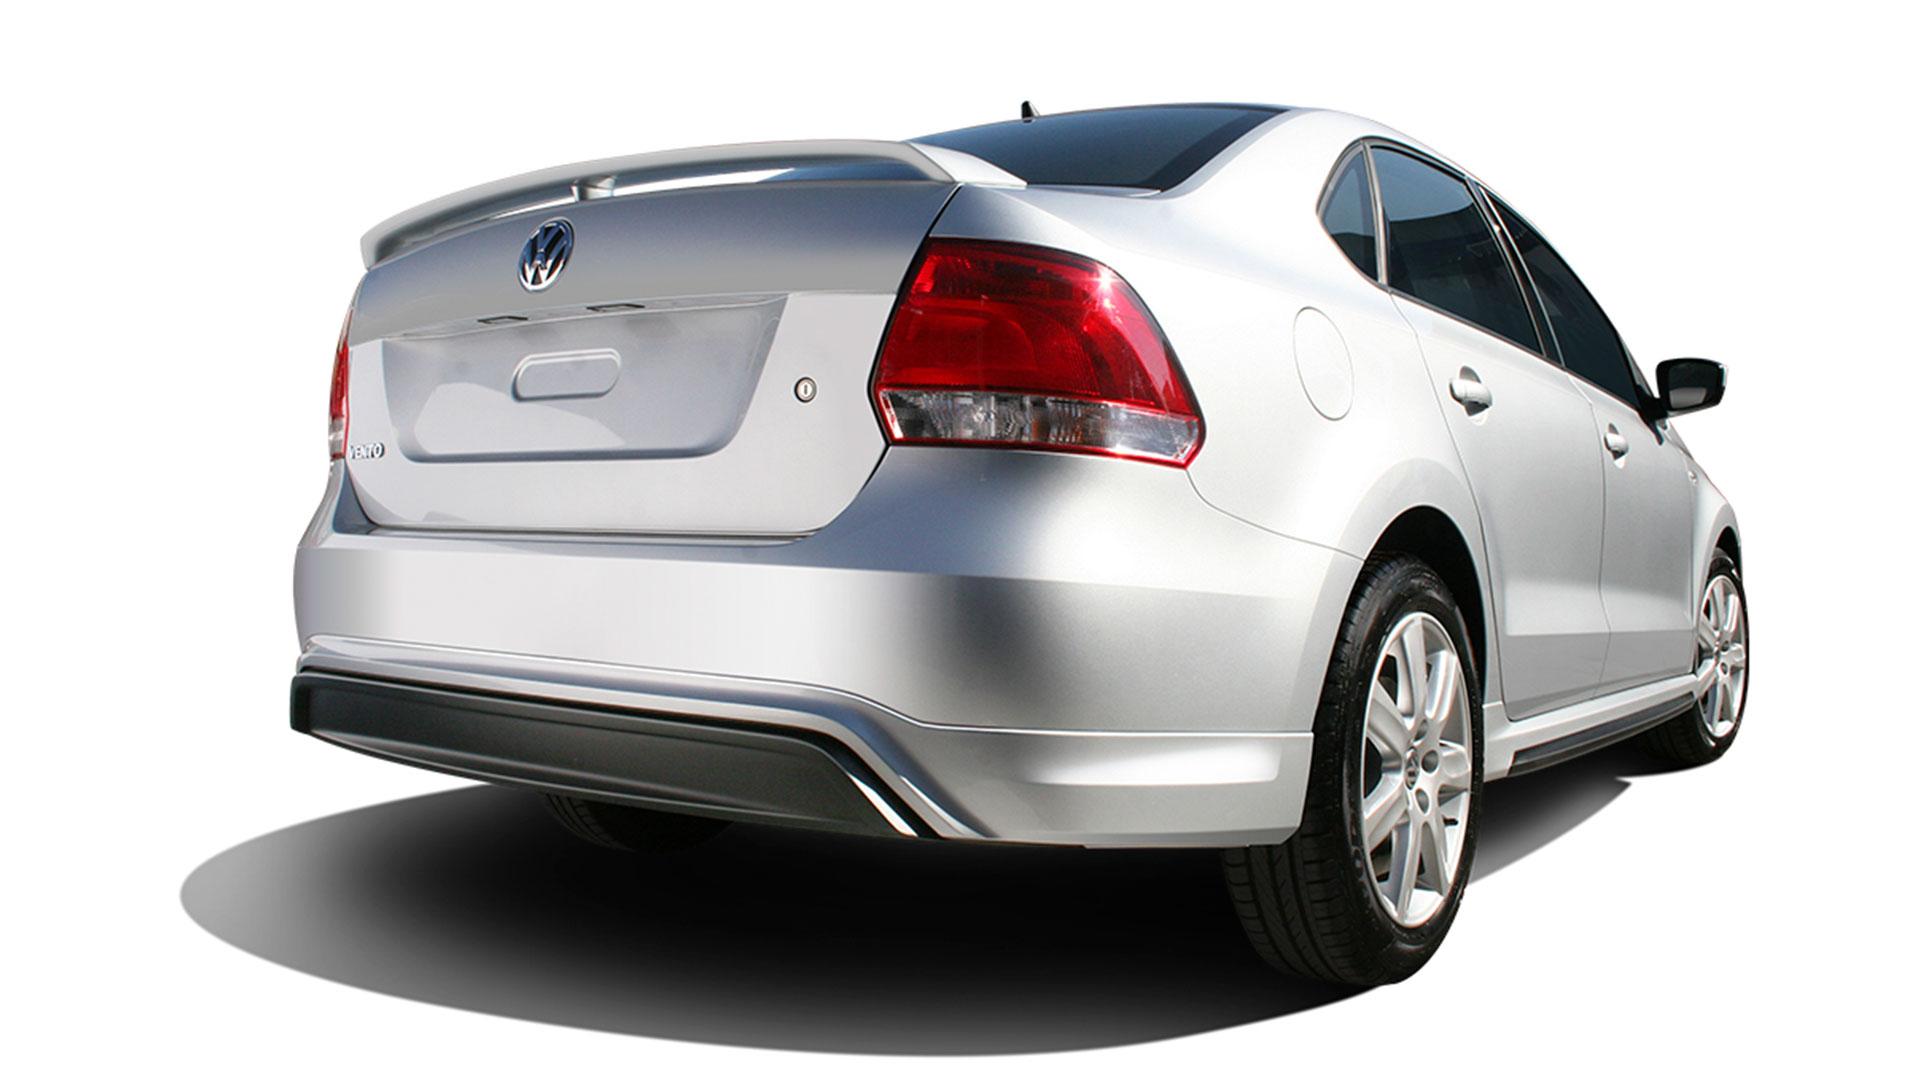 Kit aerodinámico Vento Volkswagen para apariencia deportiva.